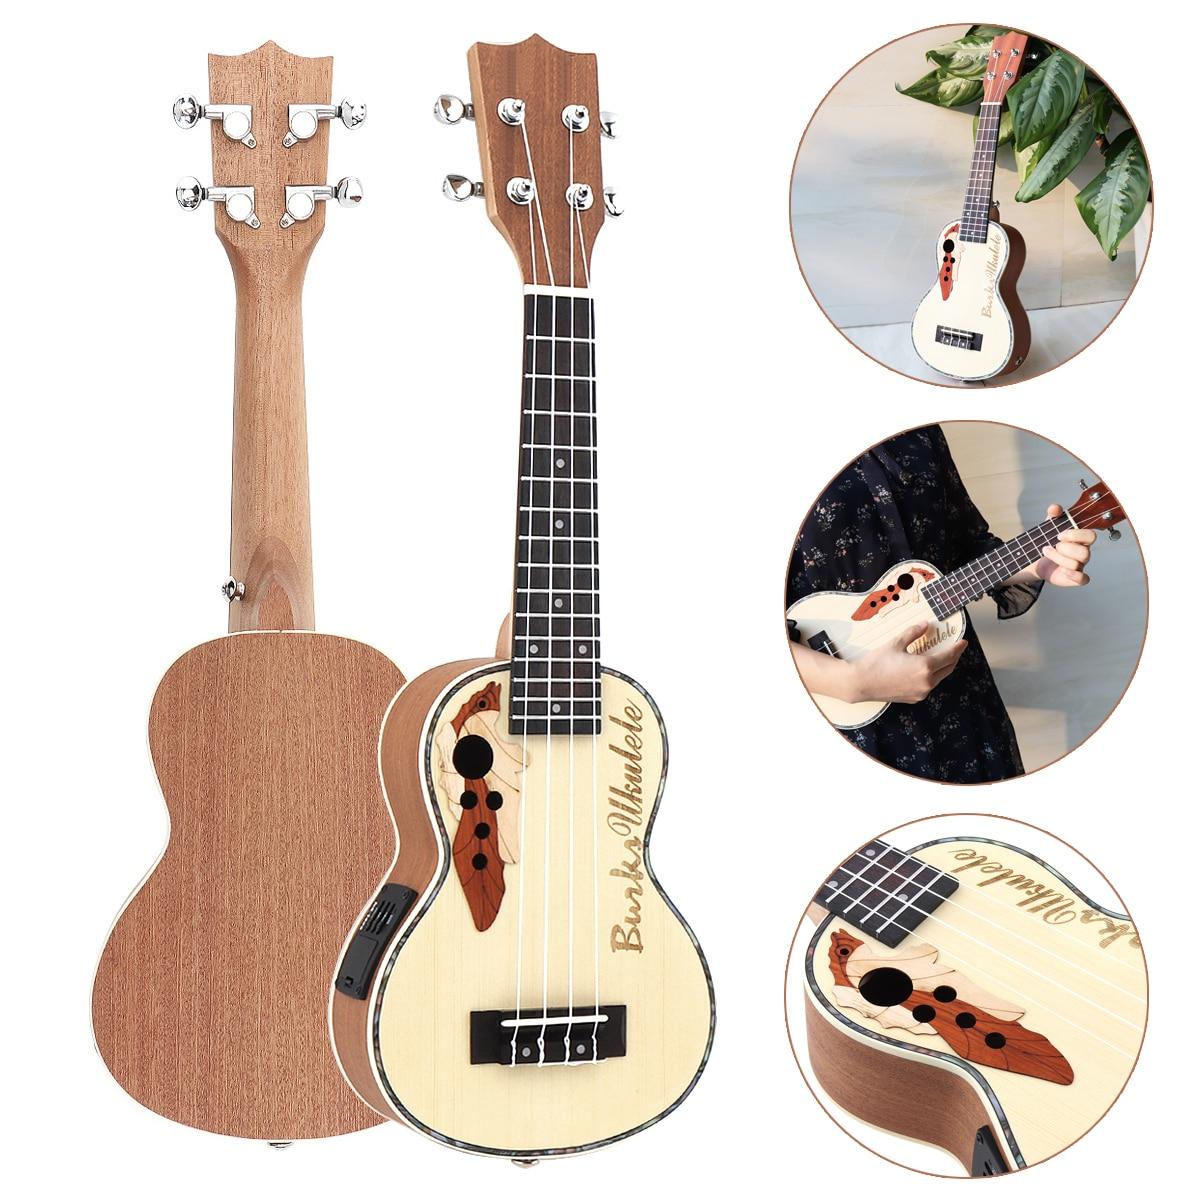 21 pouces épicéa EQ Soprano Ukelele 15 frette électroacoustique 4 cordes guitare avec micro égaliseur intégré pour les mélomanes